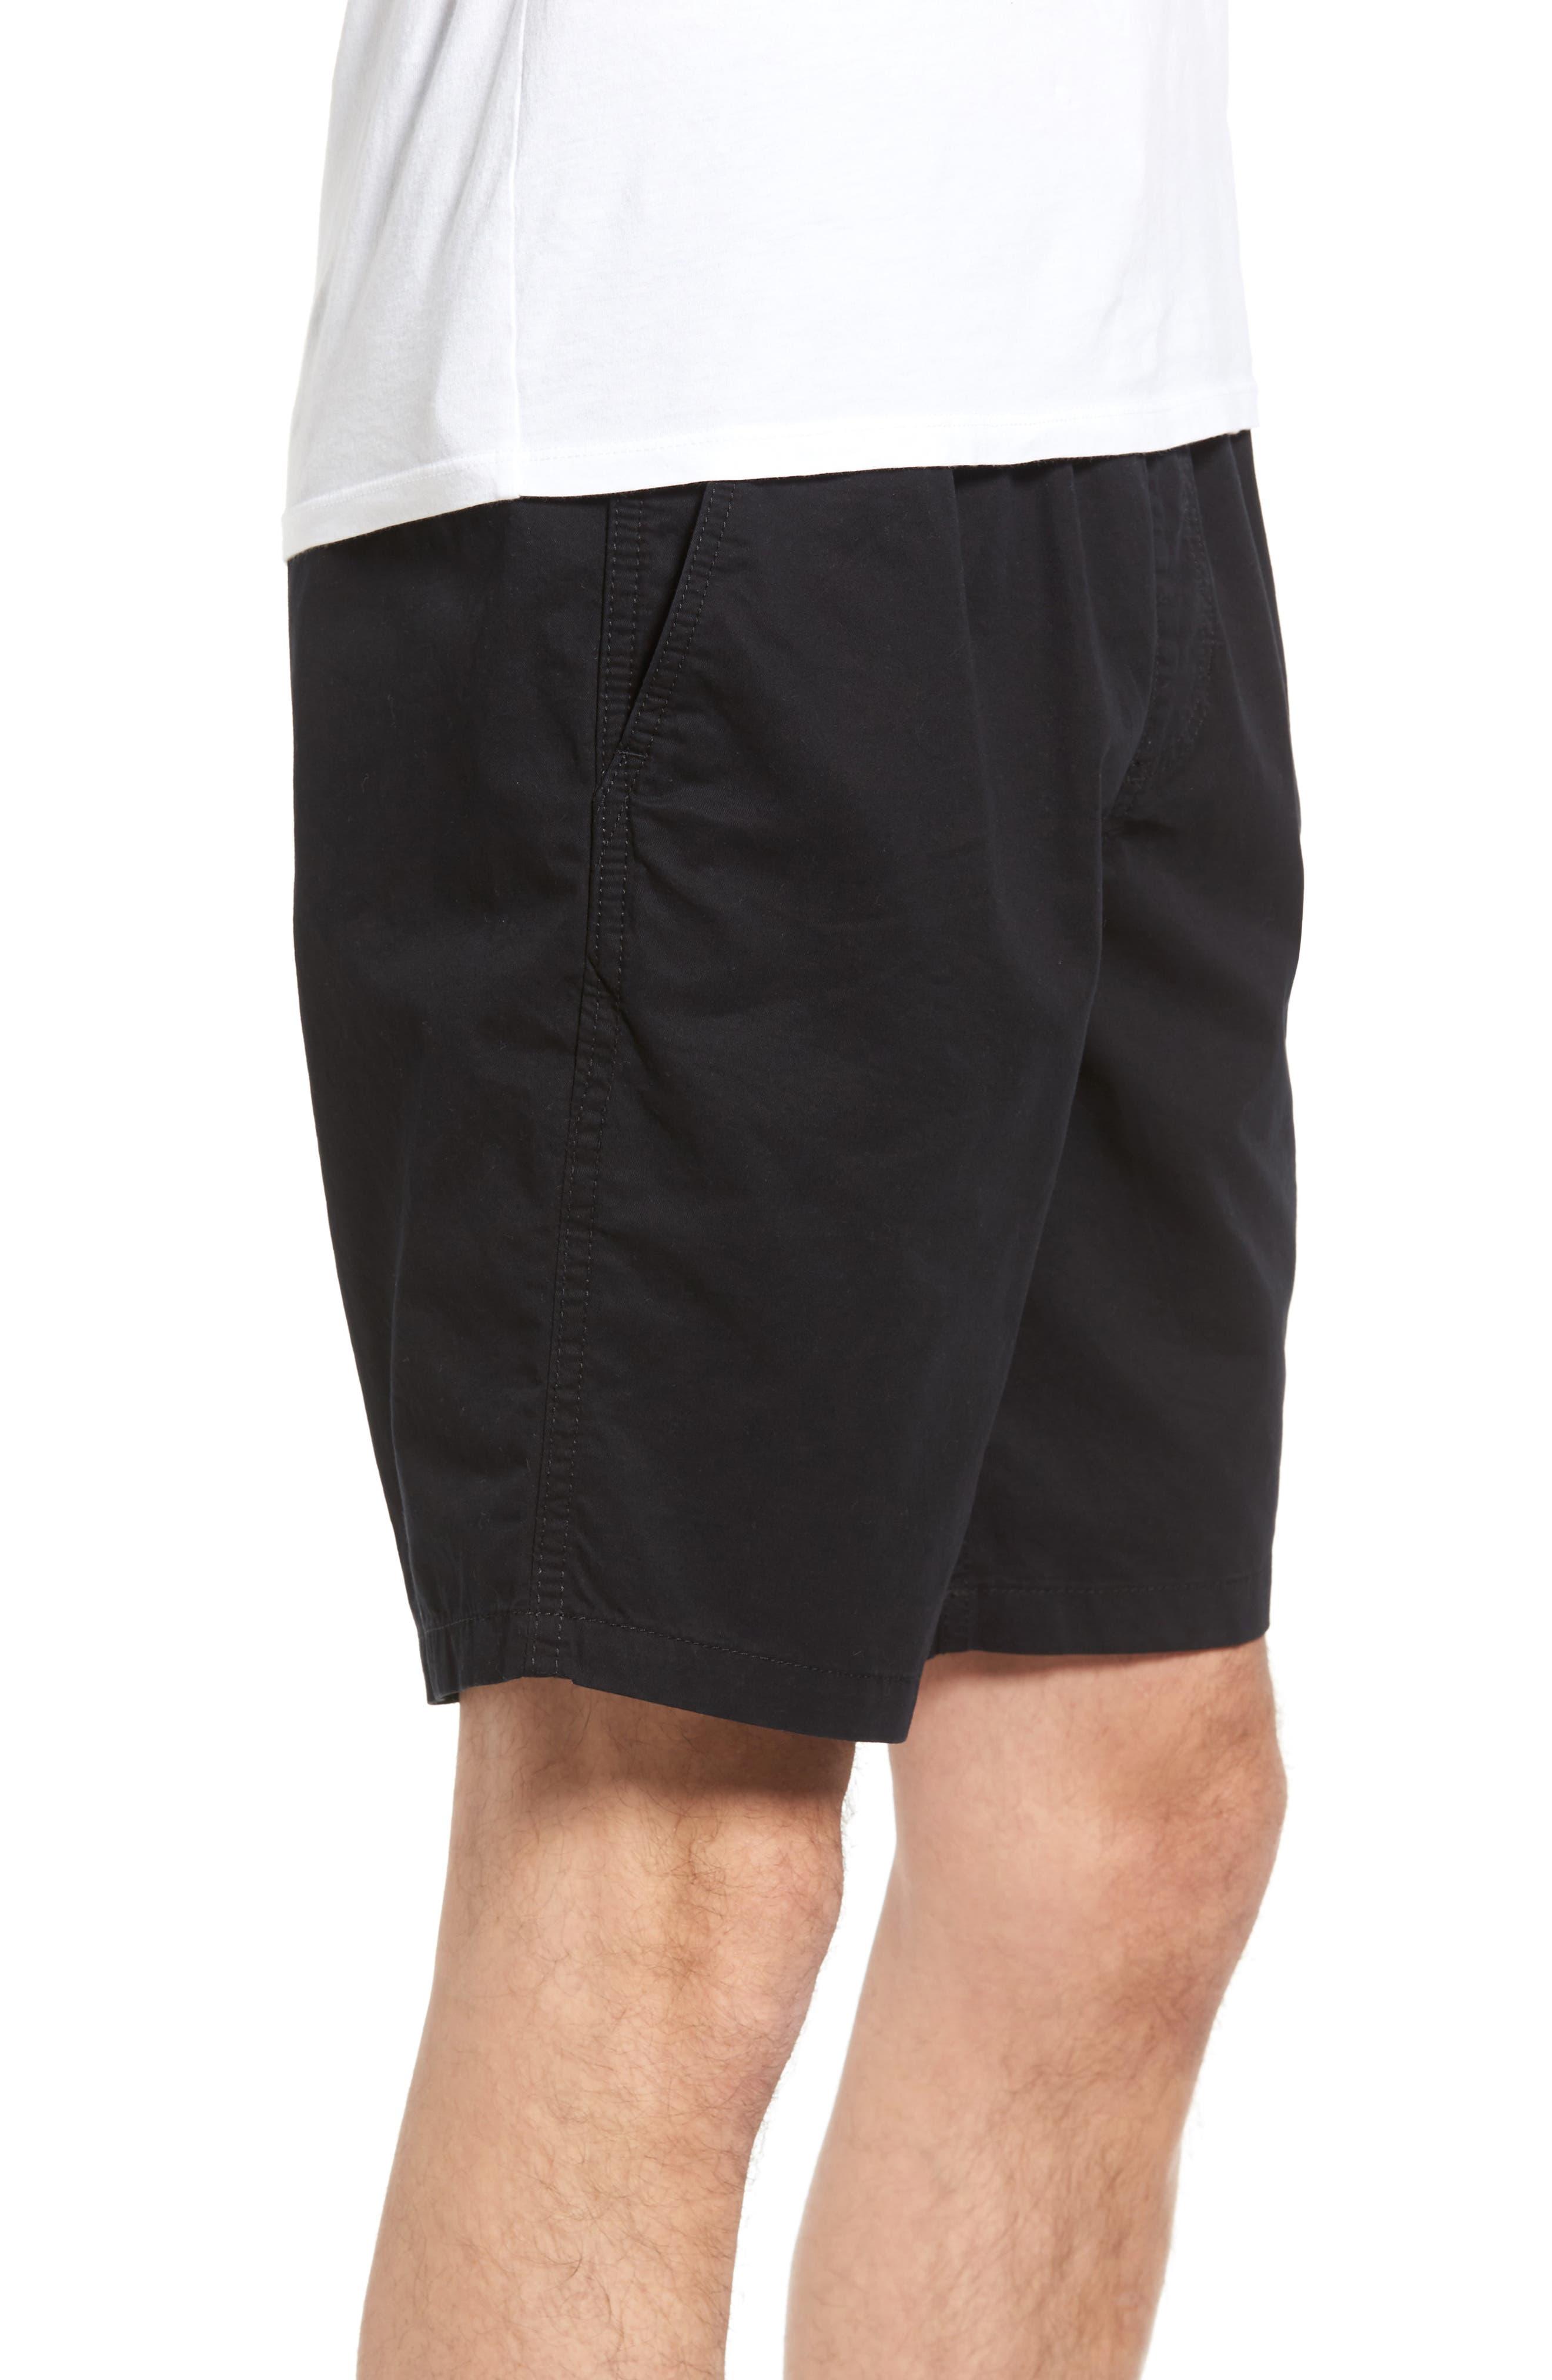 Range Shorts,                             Alternate thumbnail 3, color,                             Black